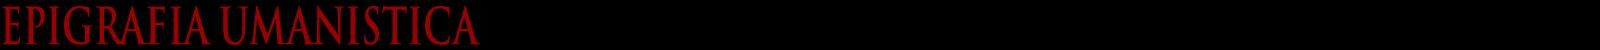 EPIGRAFIA UMANISTICA